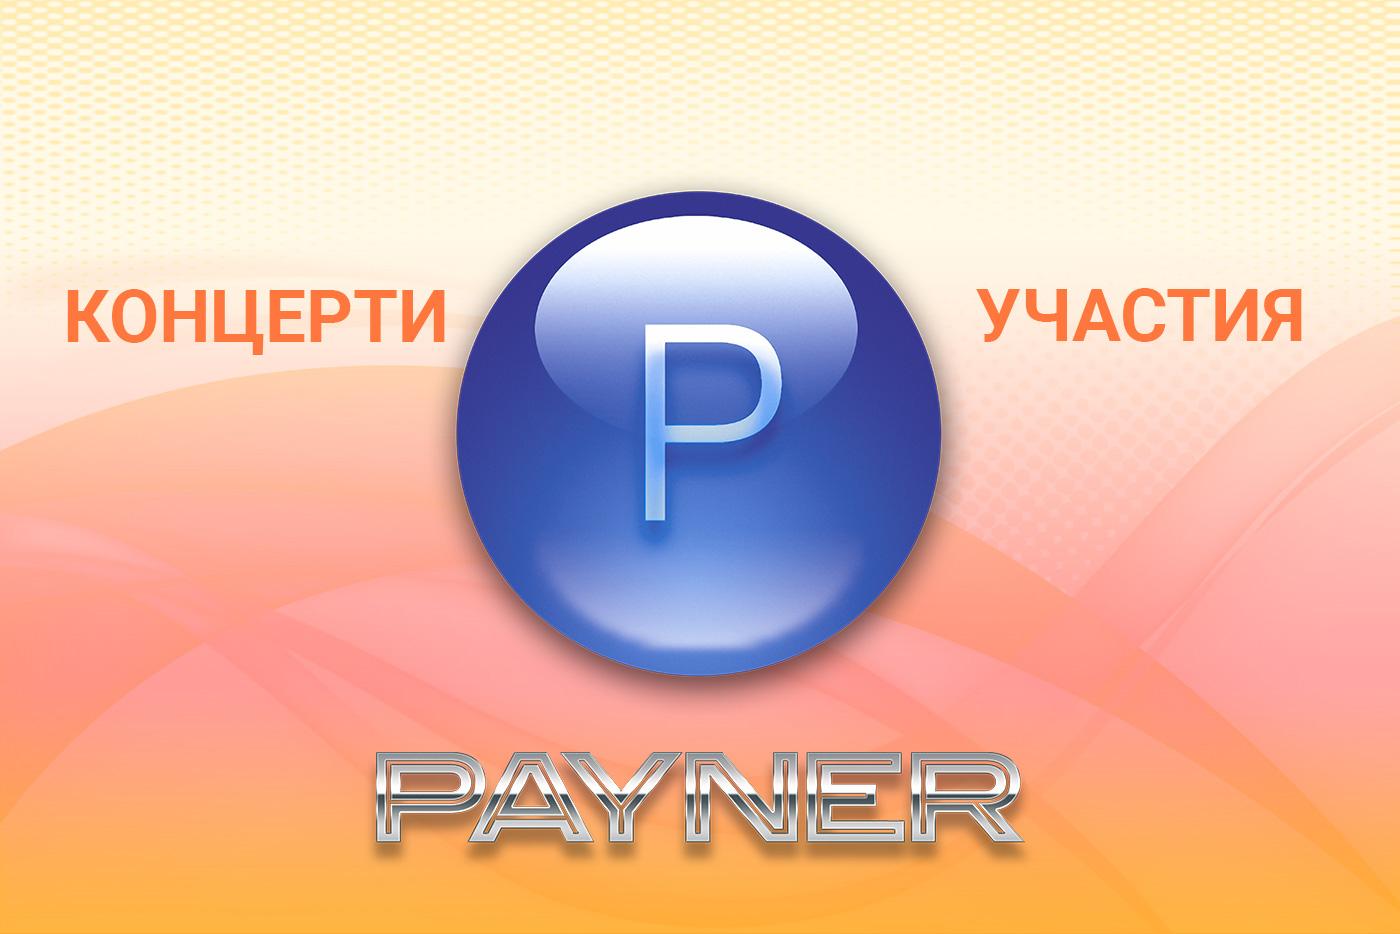 """Участия на звездите на """"Пайнер"""" на 21.09.2018"""